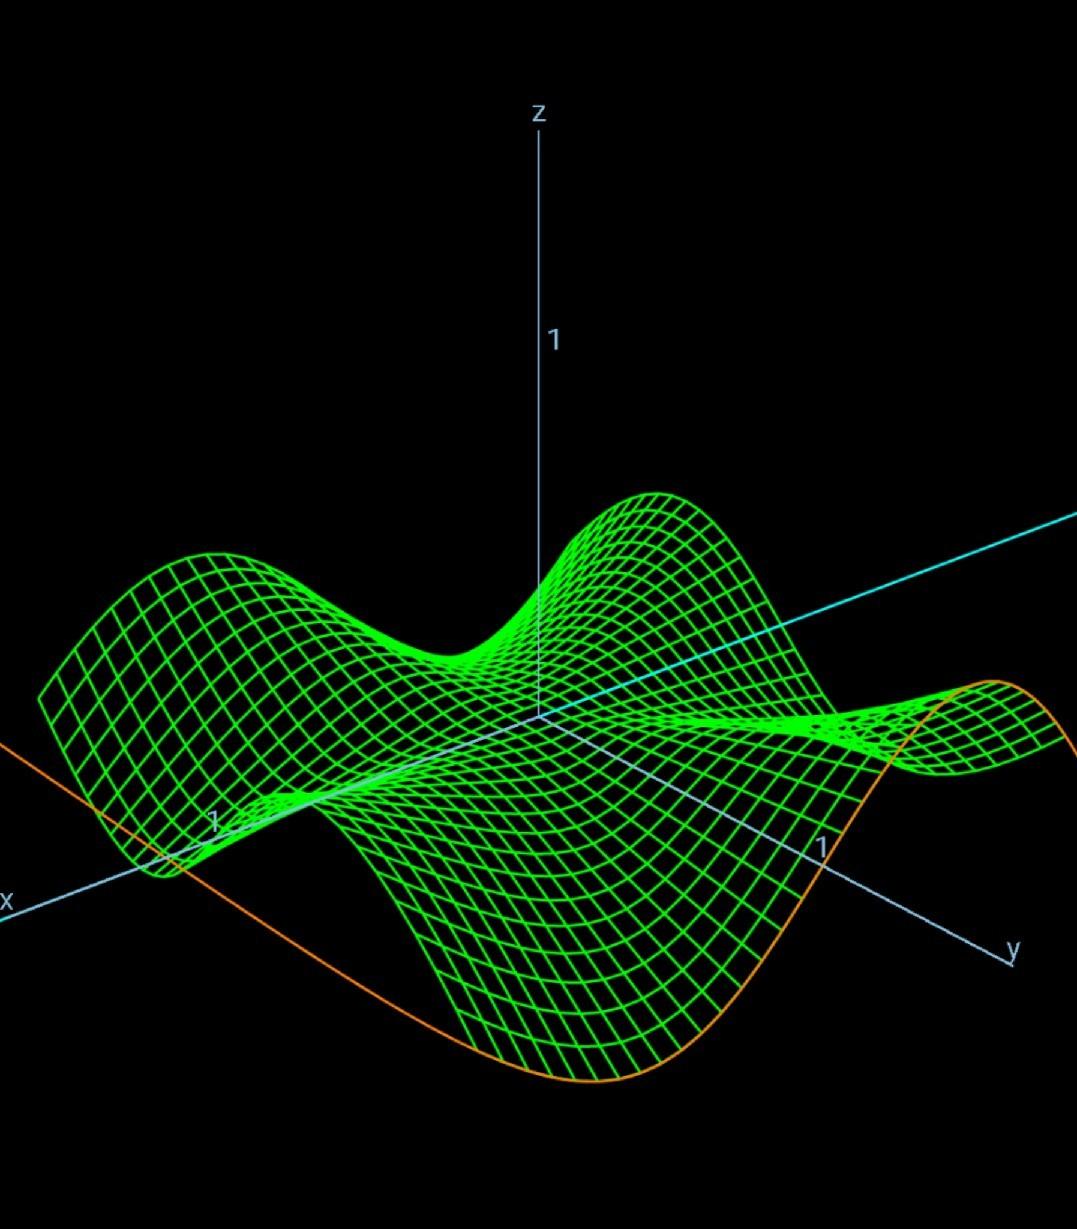 偏微分と図形の意味_b0368745_02441613.jpg